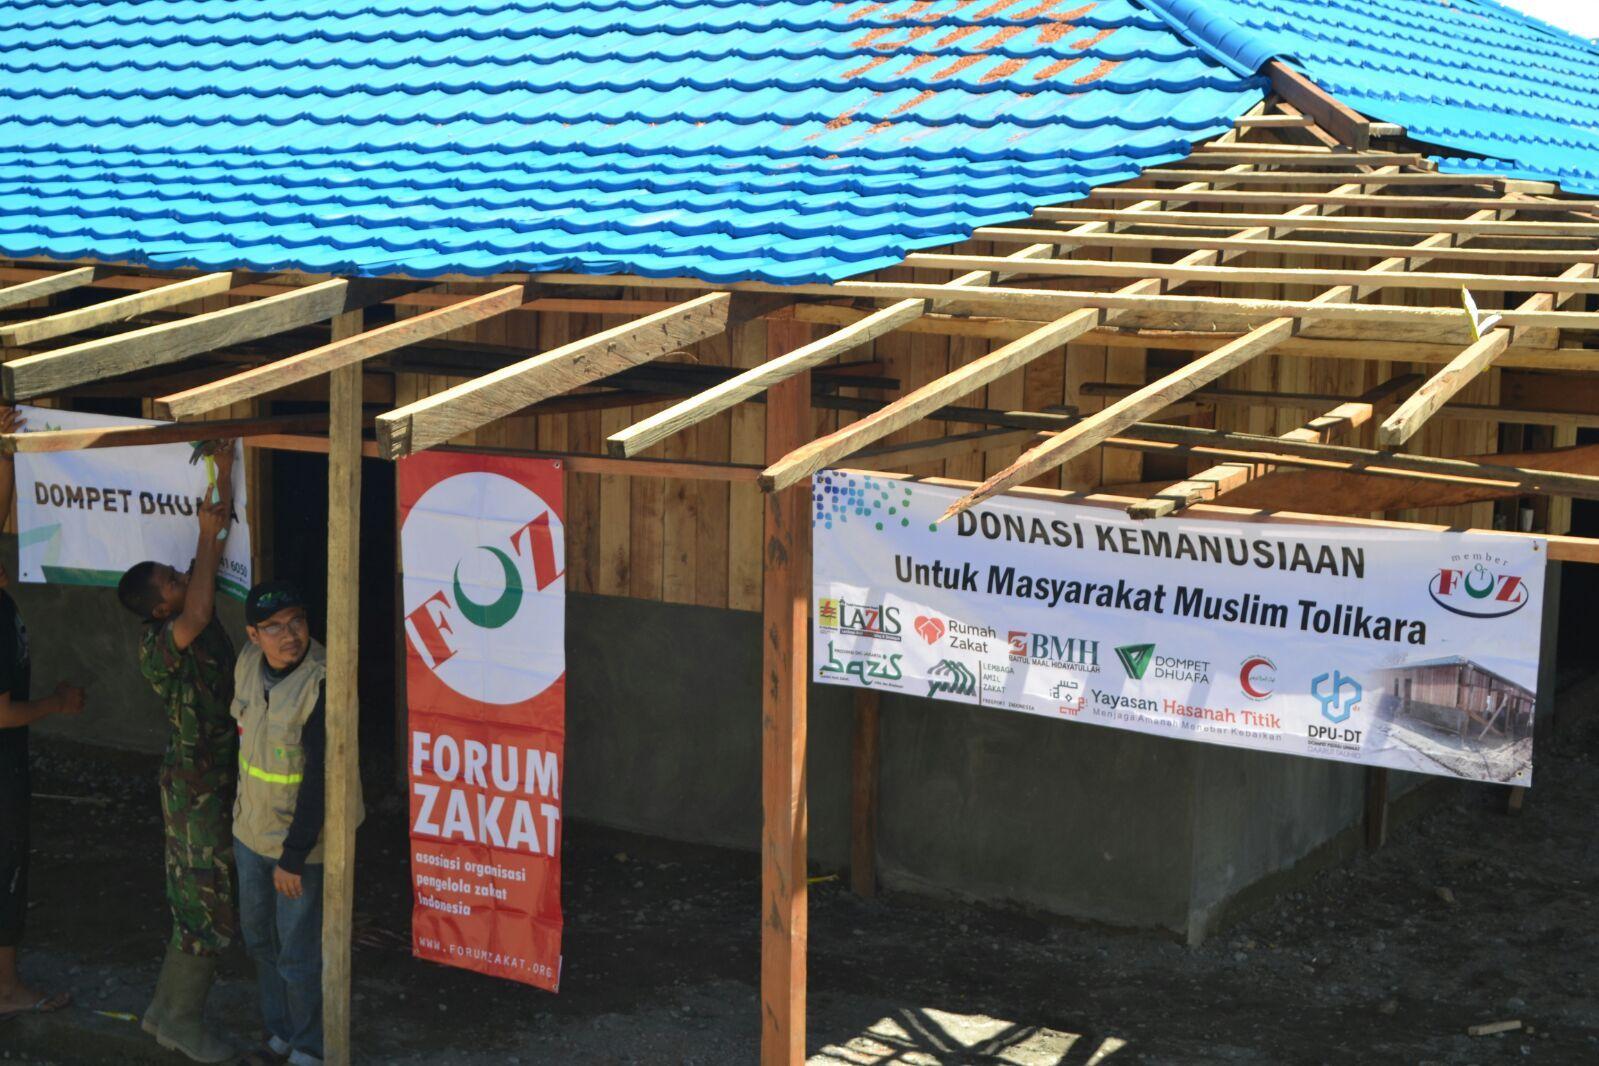 Foto Terbaru Pembangunan Masjid Baitul Muttaqin Di Tolikara